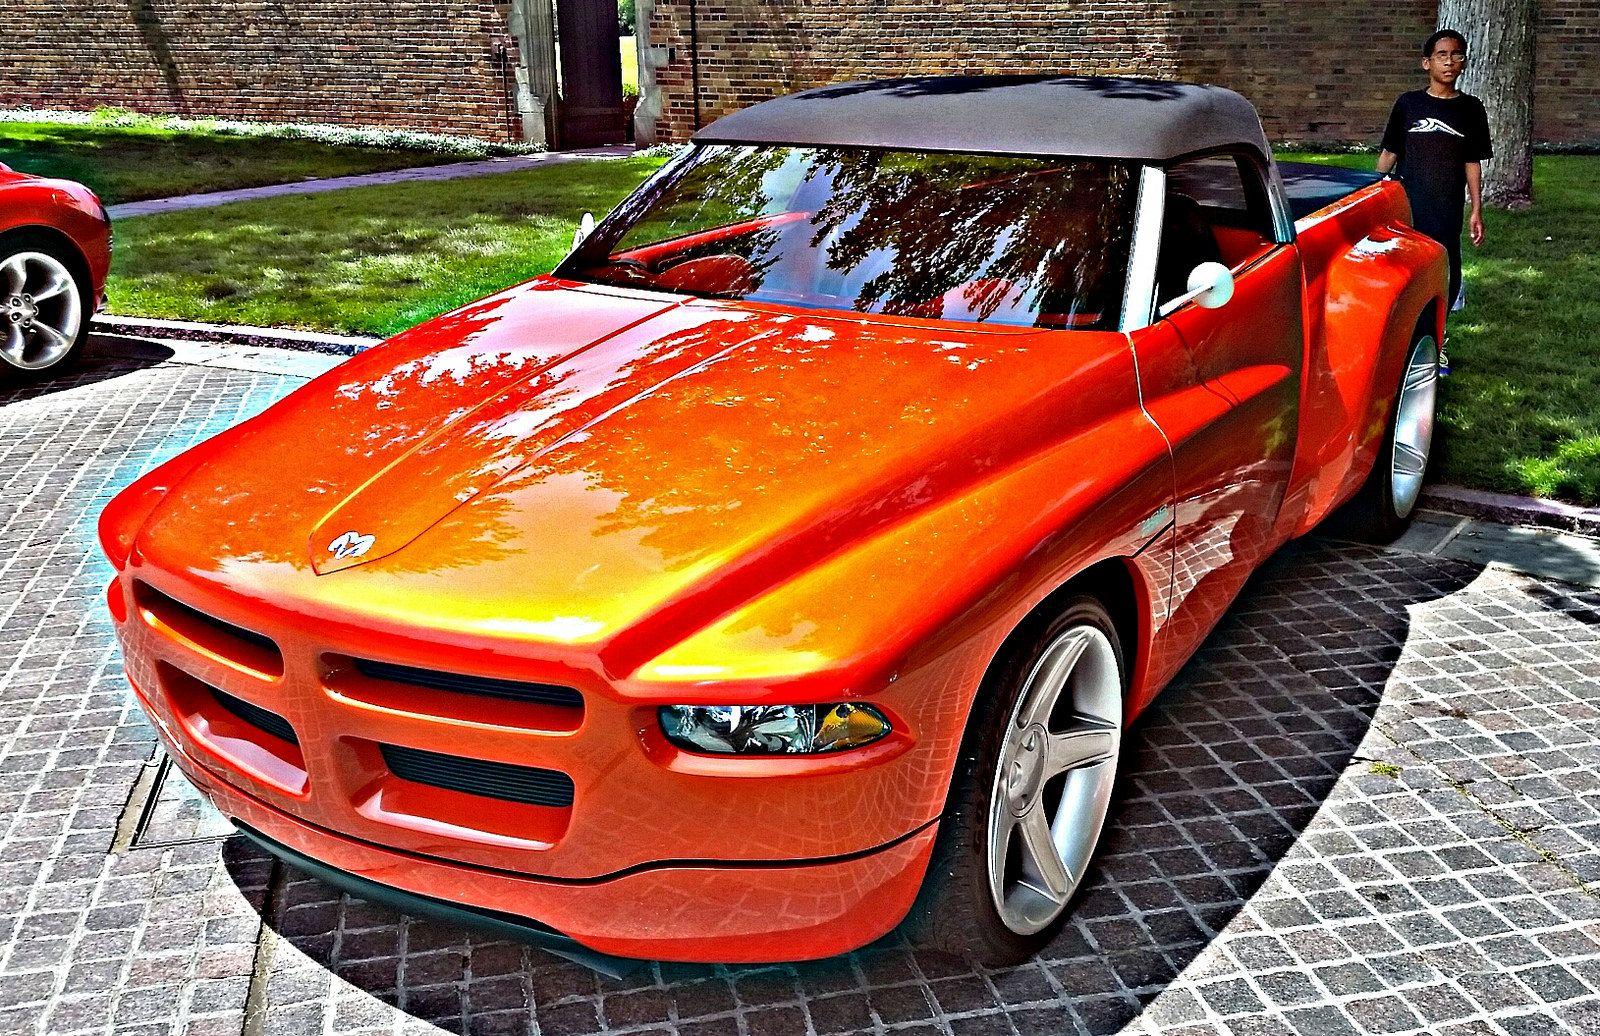 1997 Dodge Dakota Sidewinder Concept. | Flickr - Photo Sharing!